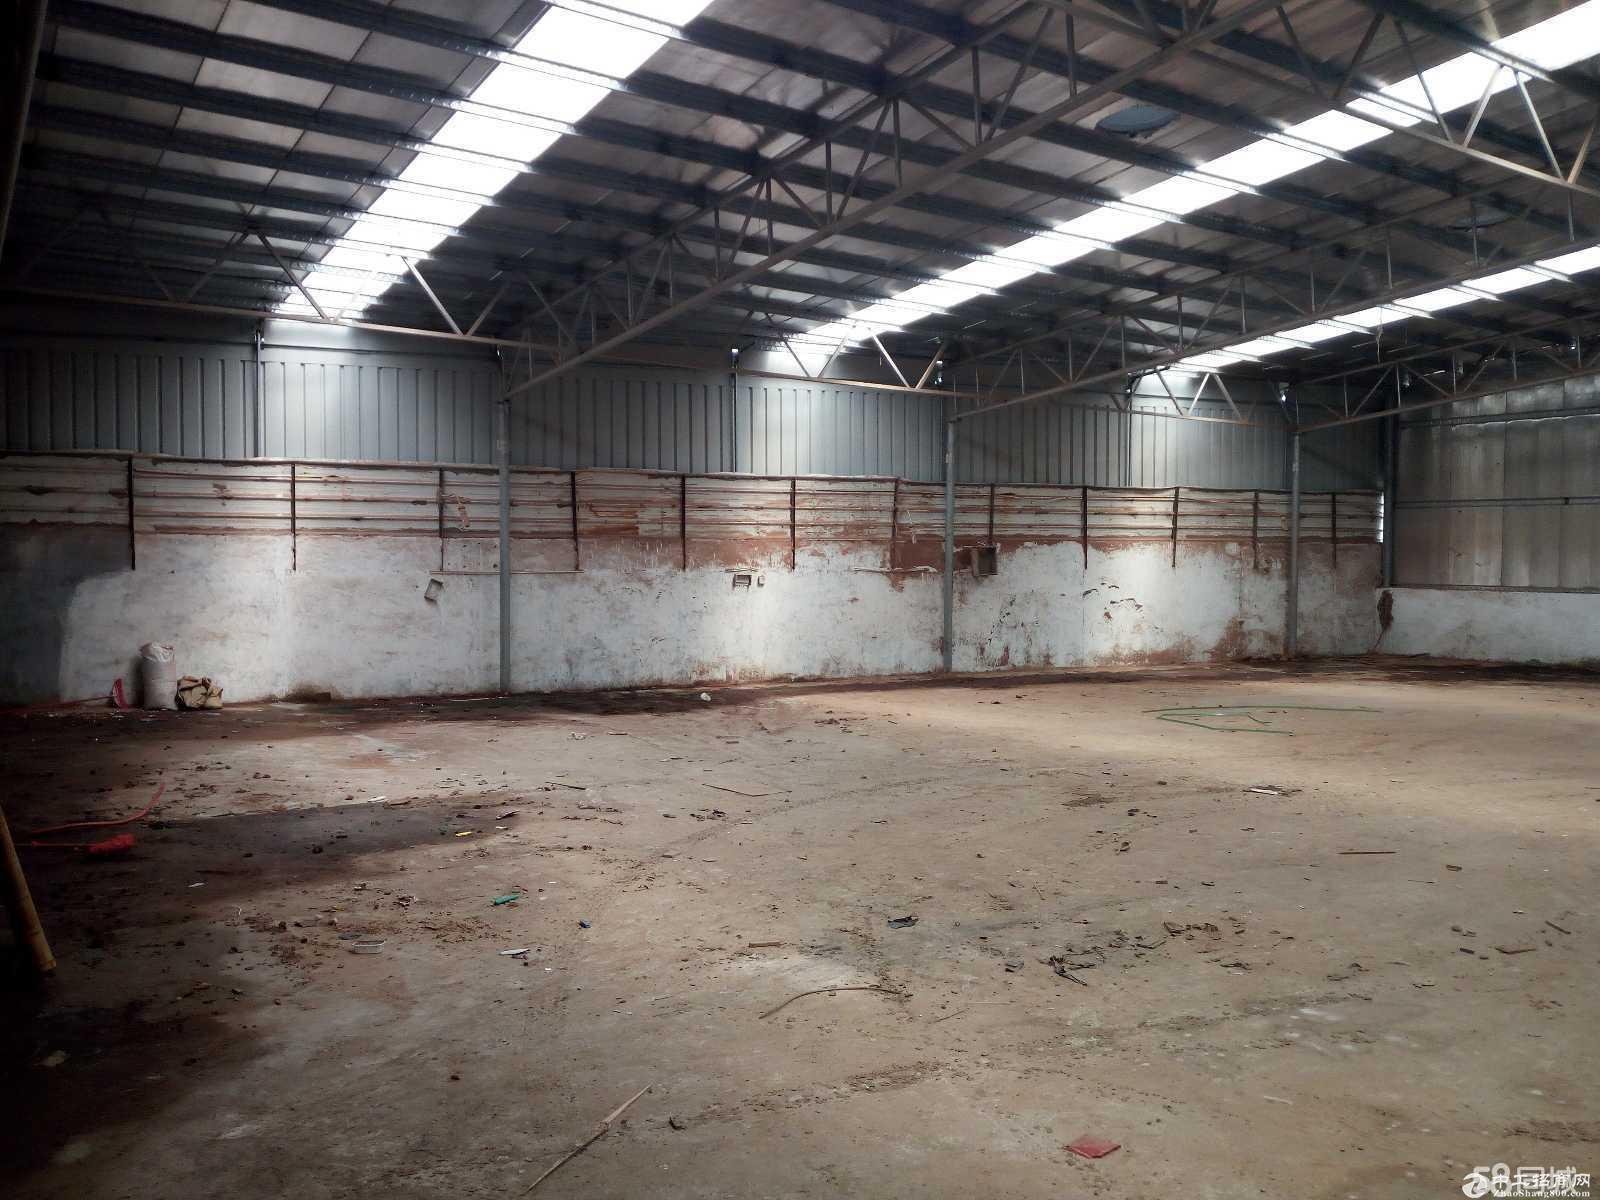 出租港口大南一楼厂房 仓库有300方的院子厂600方马路宽大